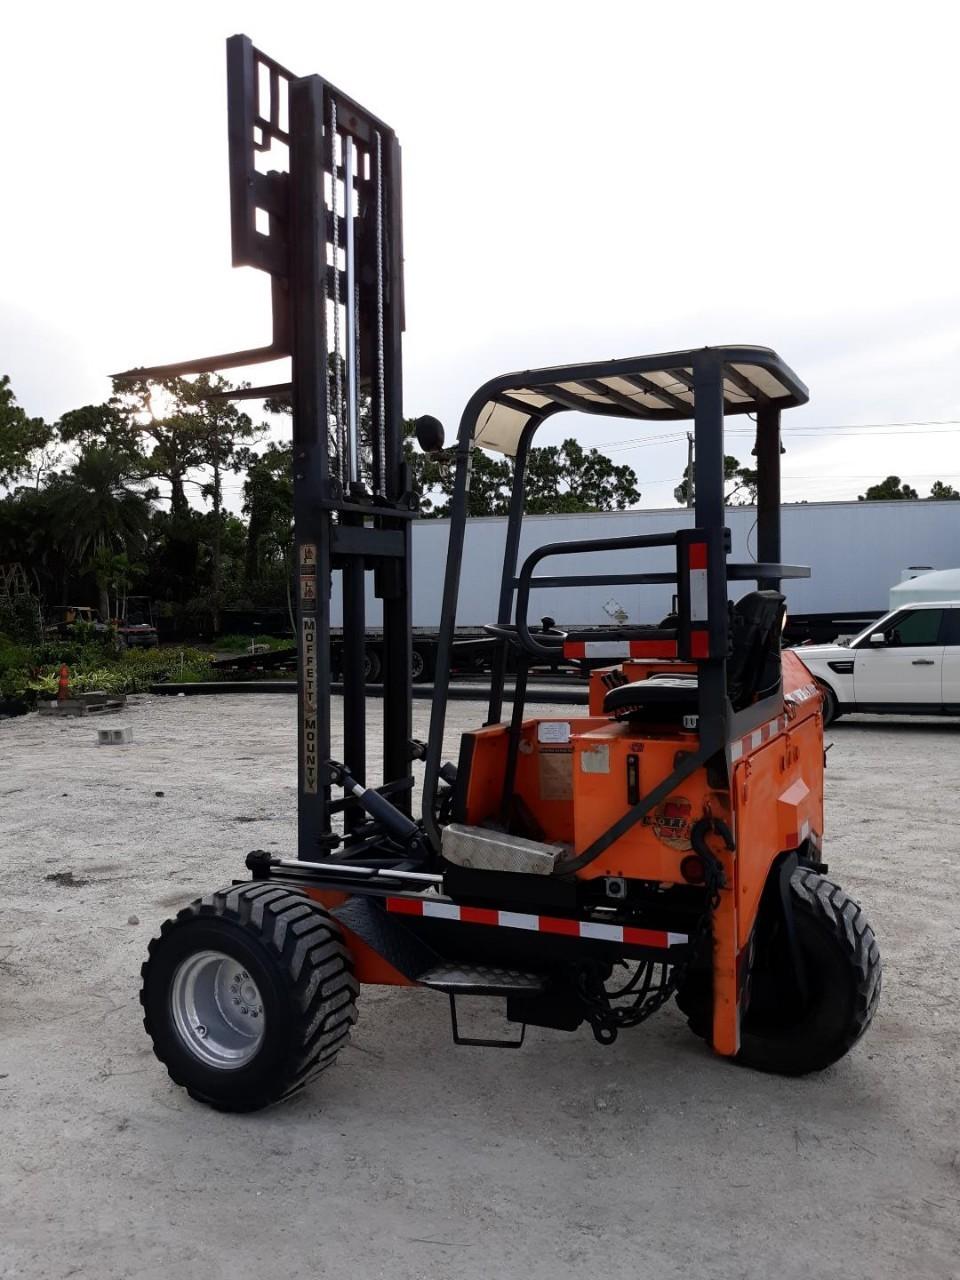 2003 Moffett M5500 Piggyback Forklift